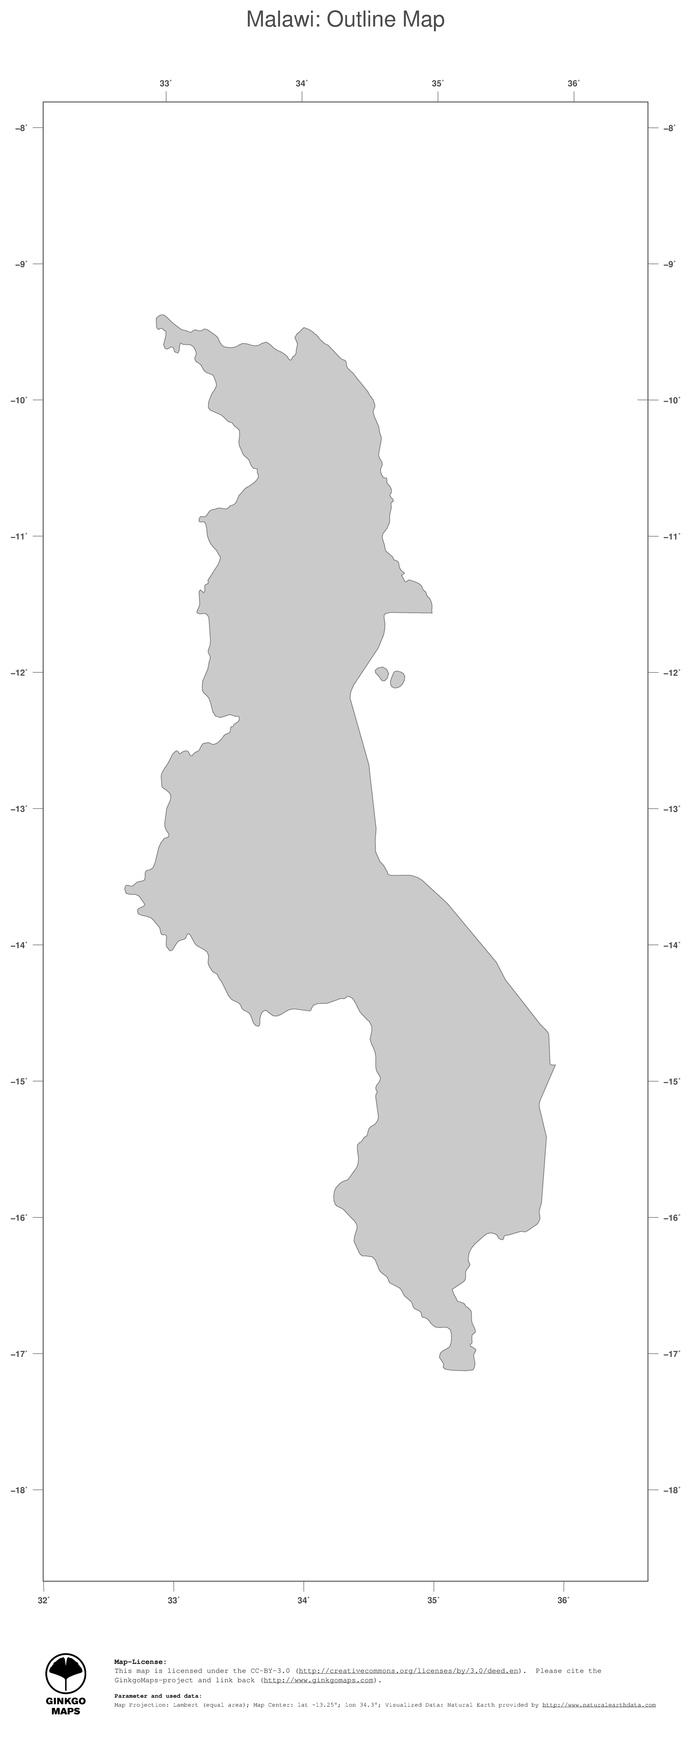 Map Malawi GinkgoMaps Continent Africa Region Malawi - Malawi blank map